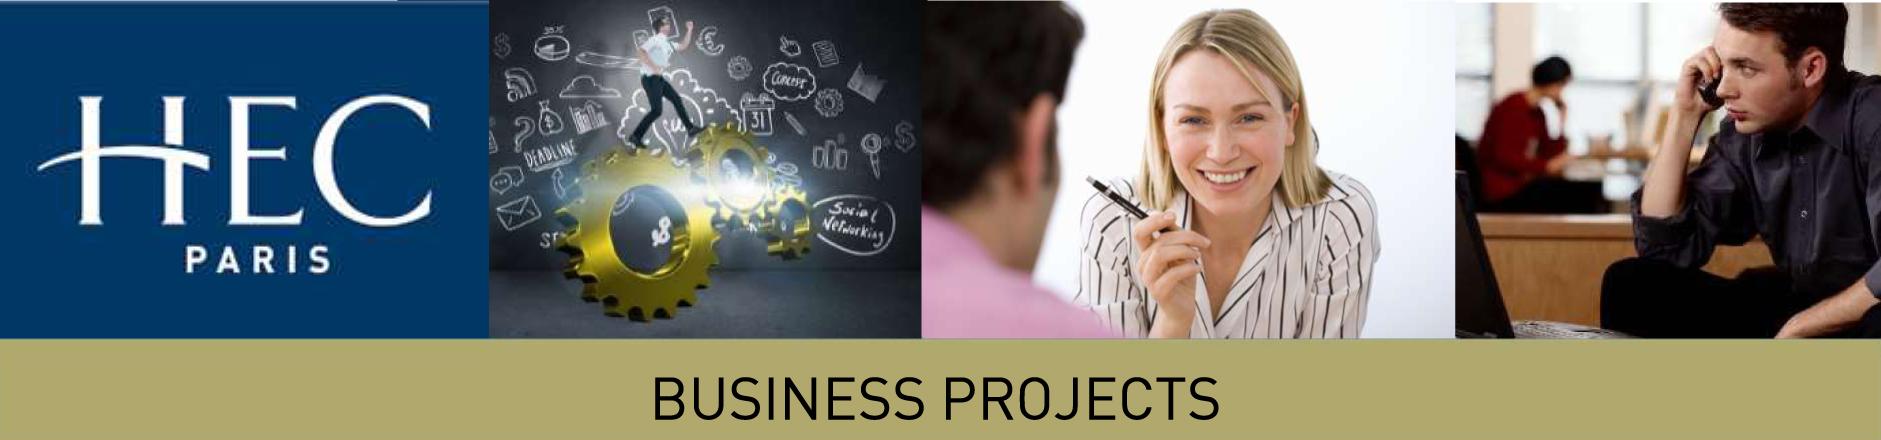 HEC Paris Business Project